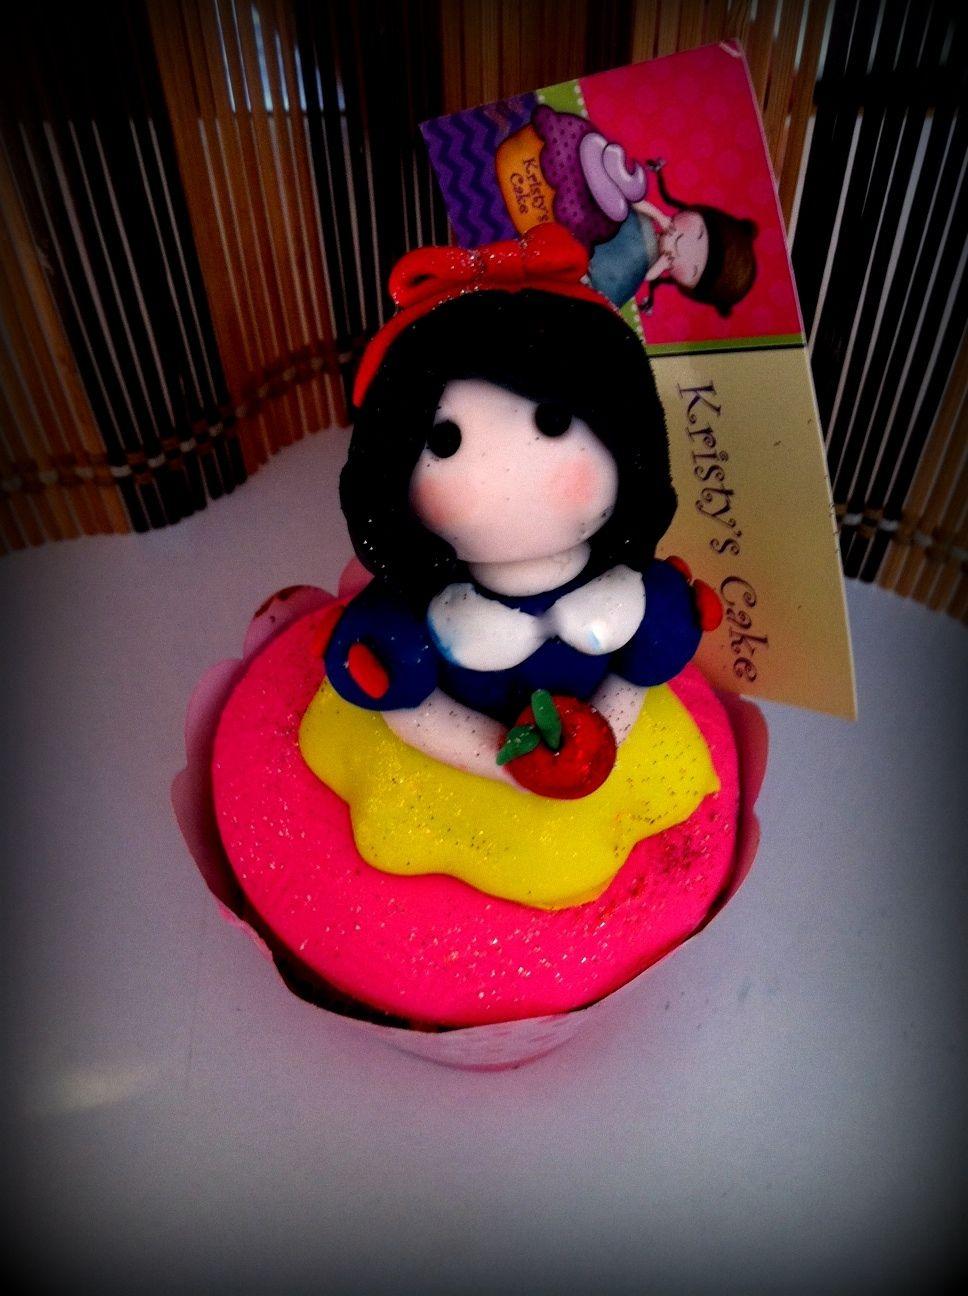 #cupcakes #lima #peru #princesas